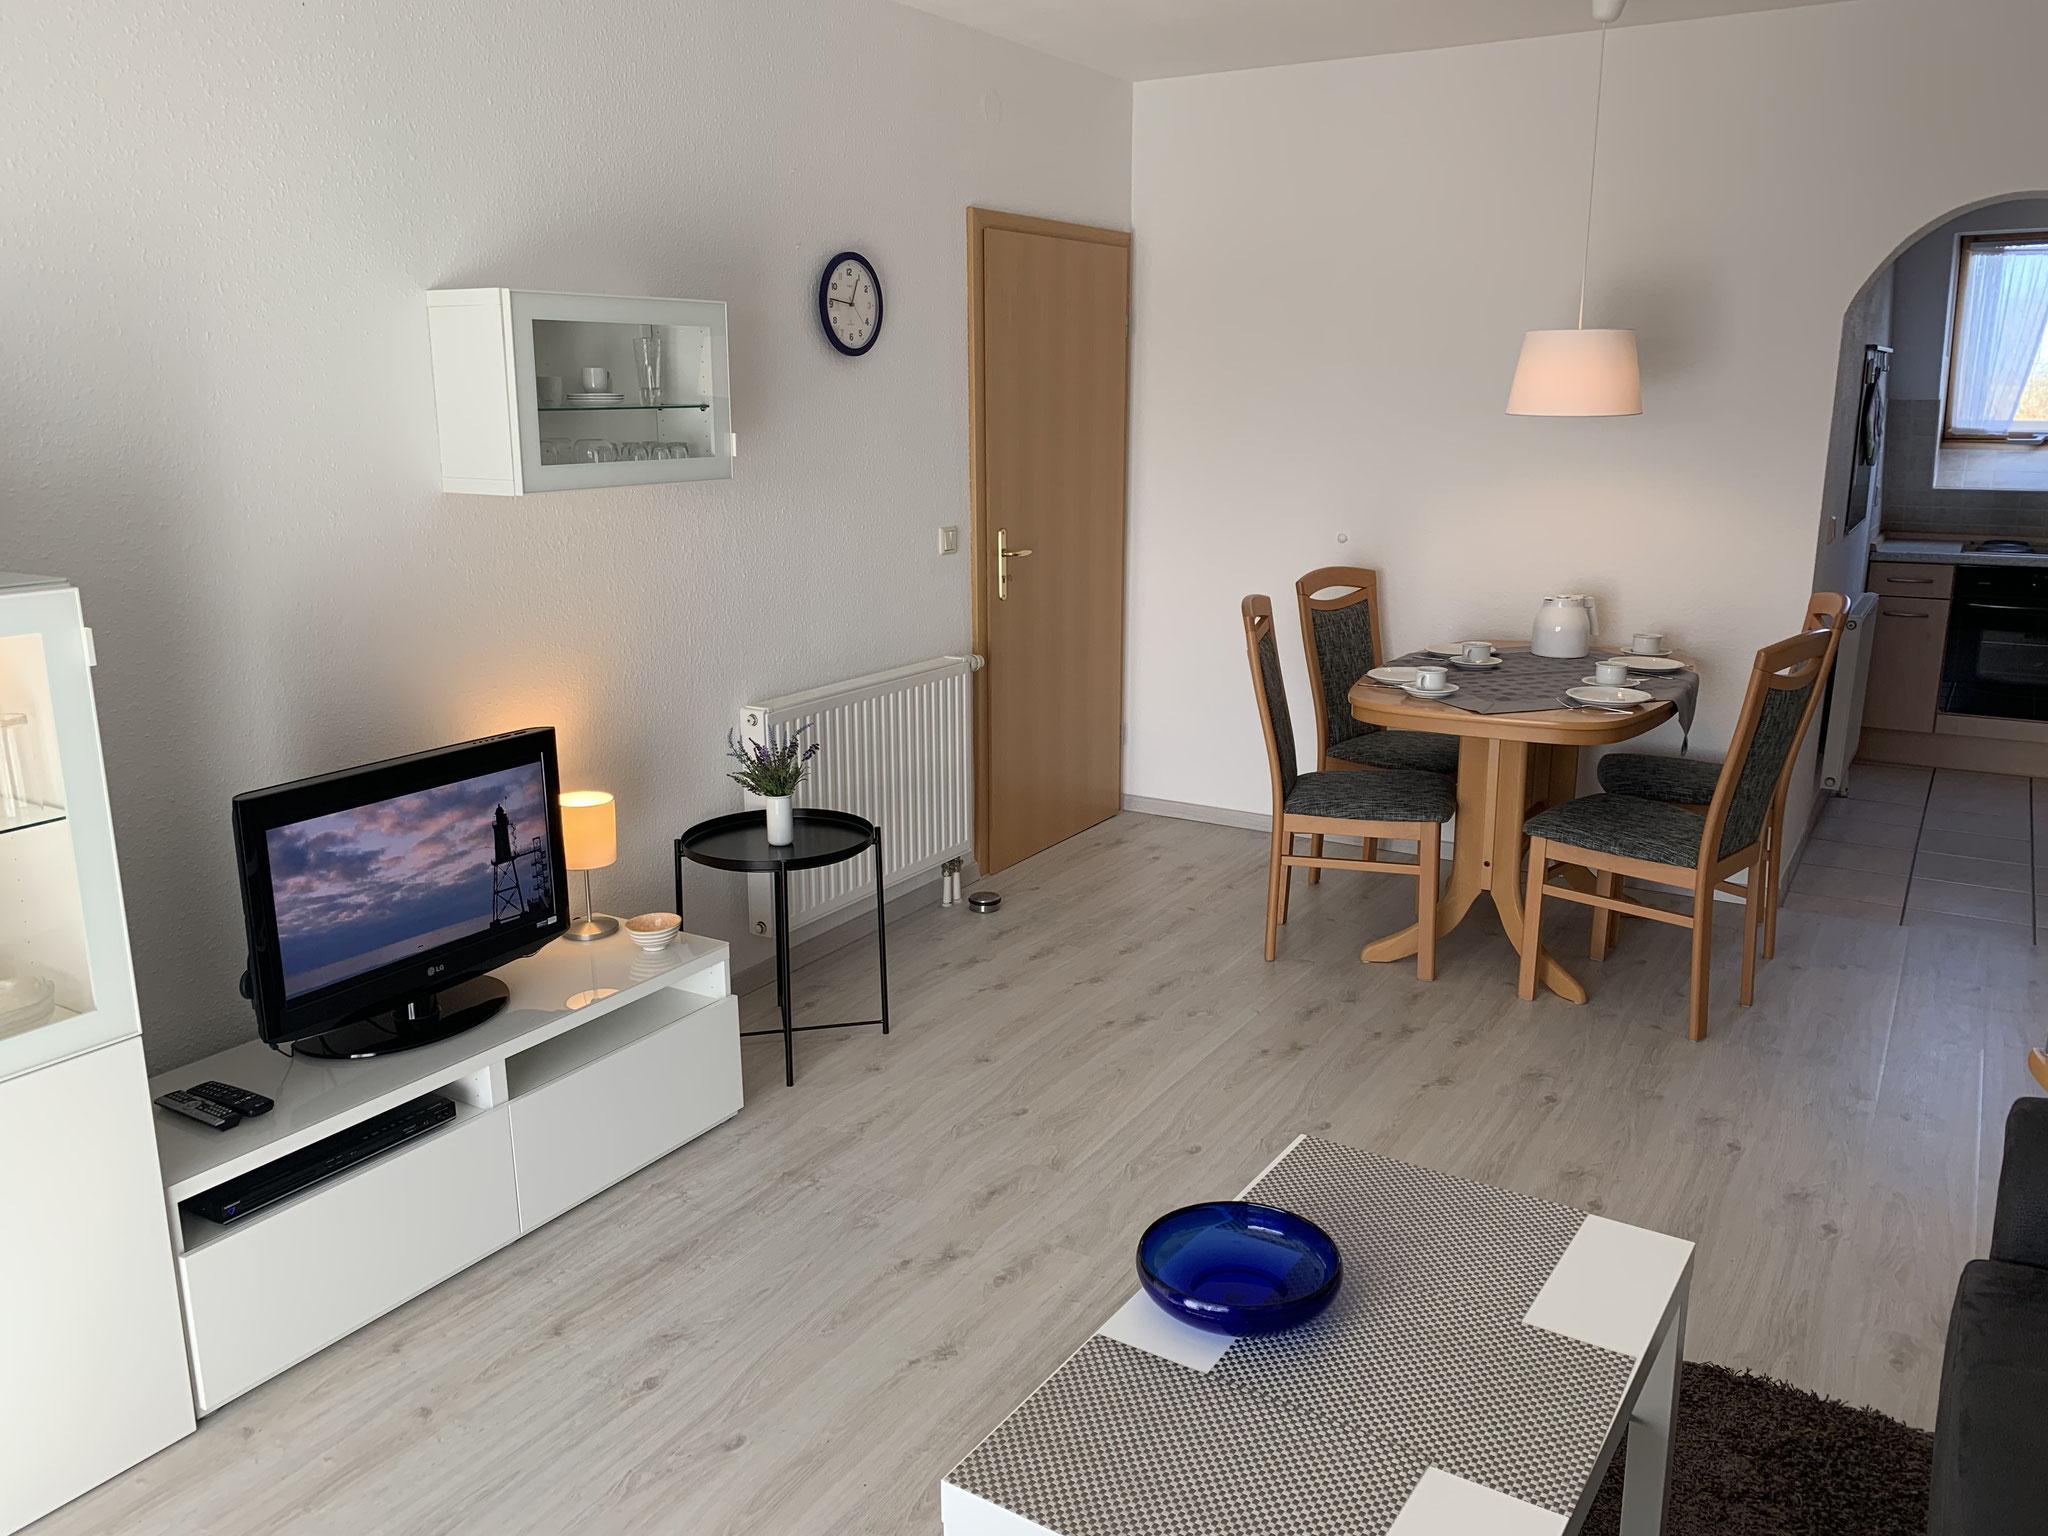 Wohnzimmer mit Wohnwand